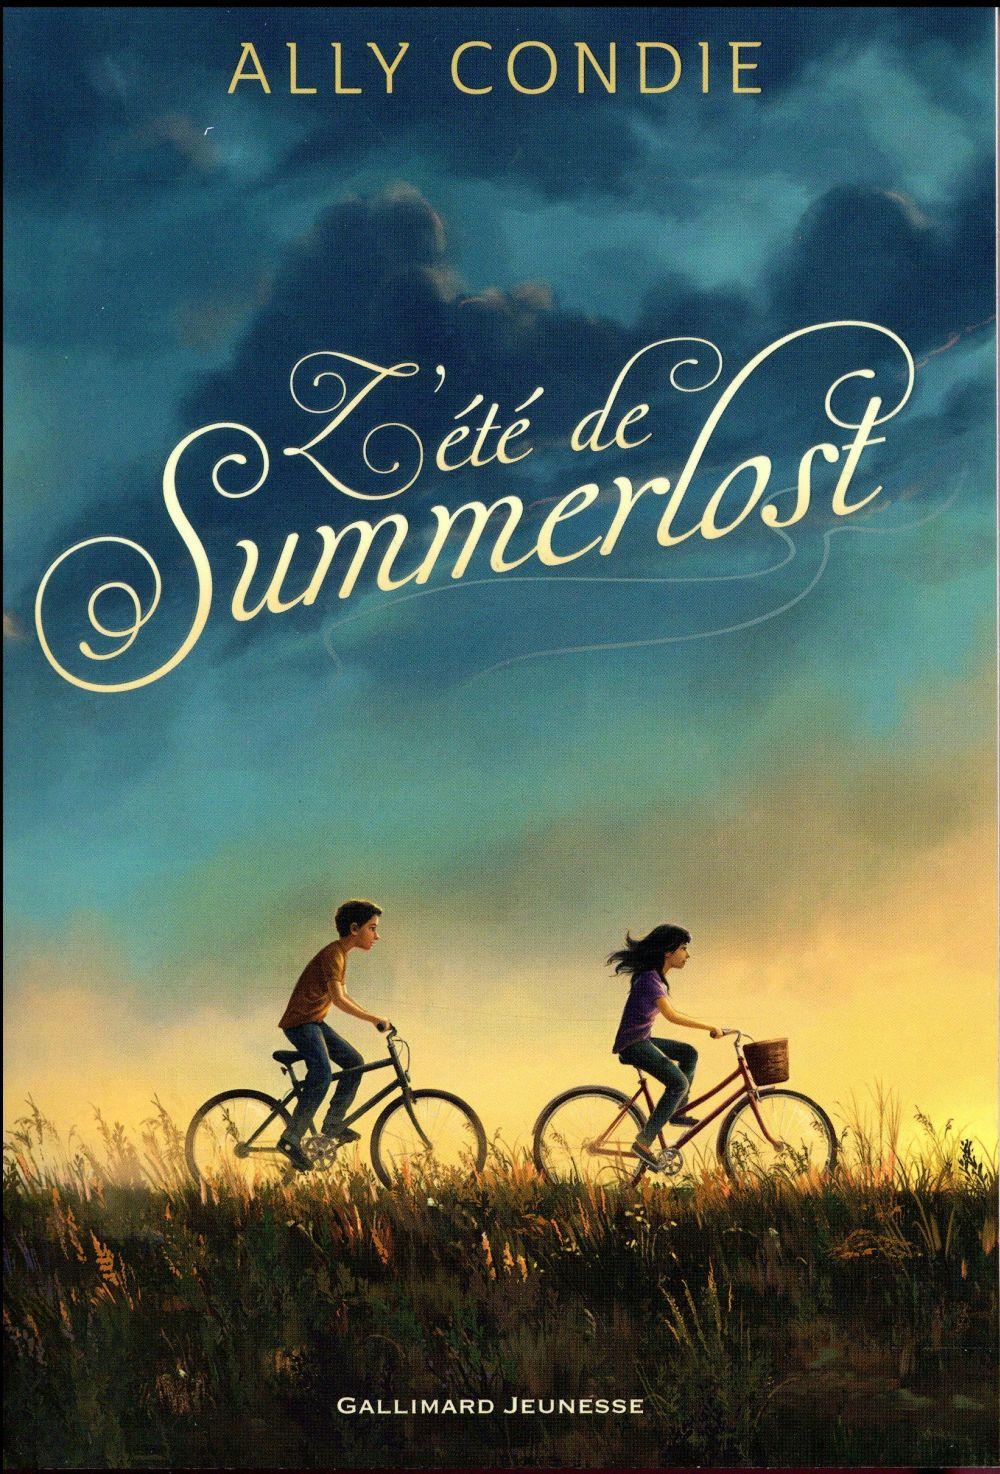 l'été de Summerlost